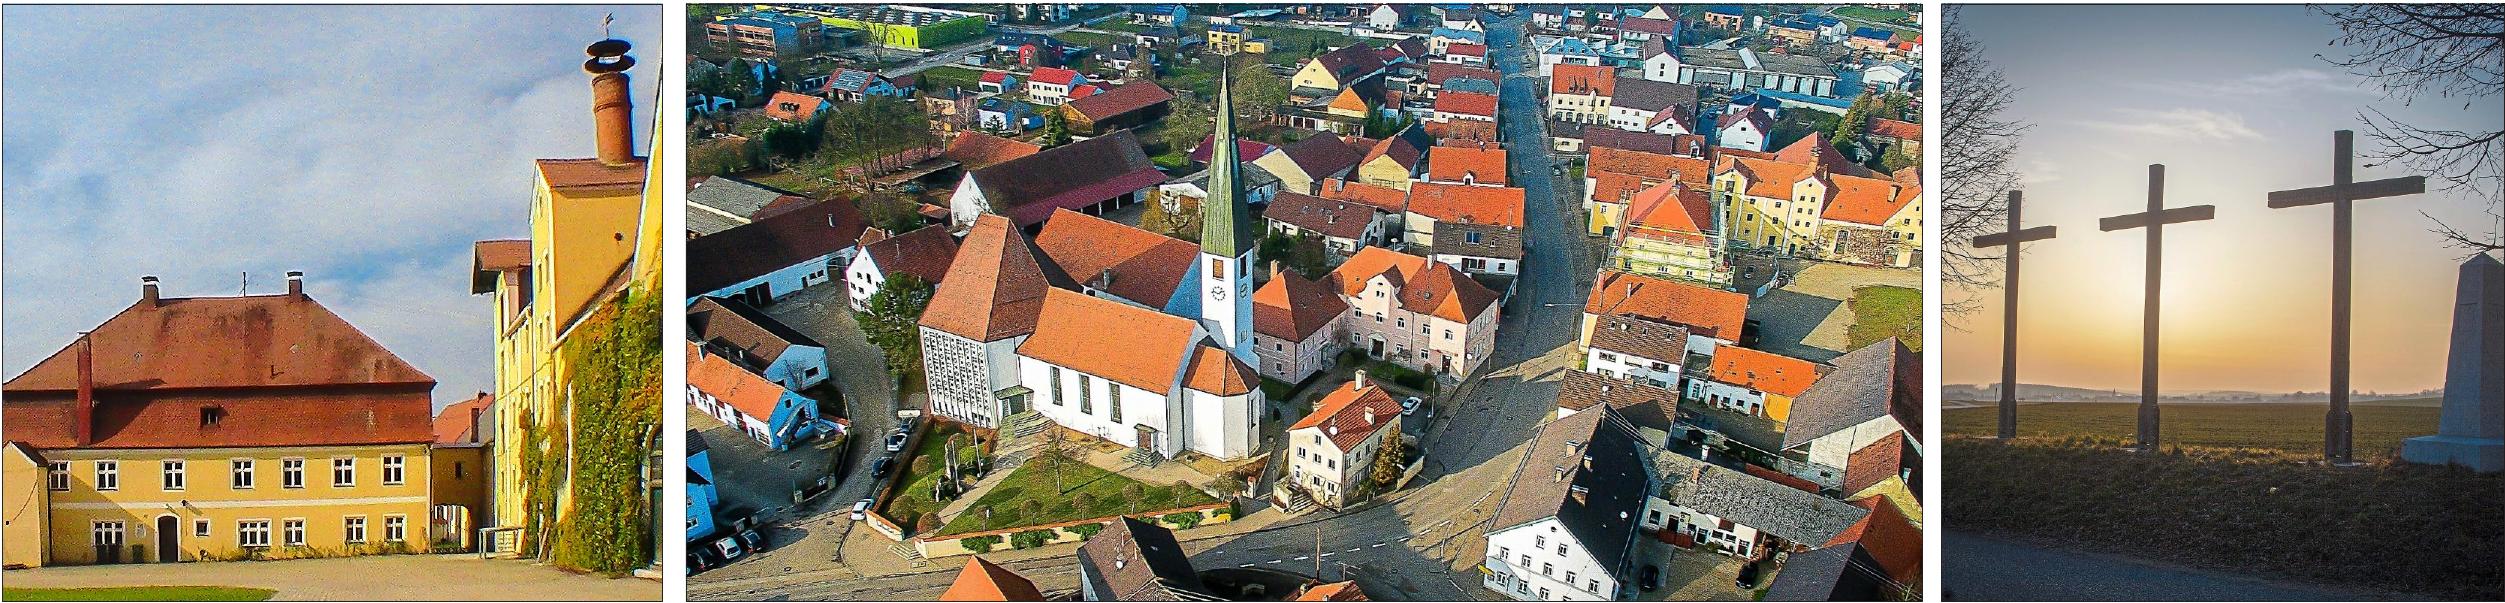 """Der imposante Carlshof (links) in der Ortsmitte von Eitensheimbeherbergt die Verwaltungsgemeinschaft und bietet mit seinen 5000 Quadratmetern Gesamtfläche noch viel Potenzial. Noch sieht man dem Dorf an, dass früher die B 13 mitten hindurchführte, das soll sich nach und nach ändern. Mysteriös sind die """"Drei Kreuze"""" (rechts), die in der Nähe des Dorfes an der Bundesstraße stehen. Fotos: Gemeinde Eitensheim"""